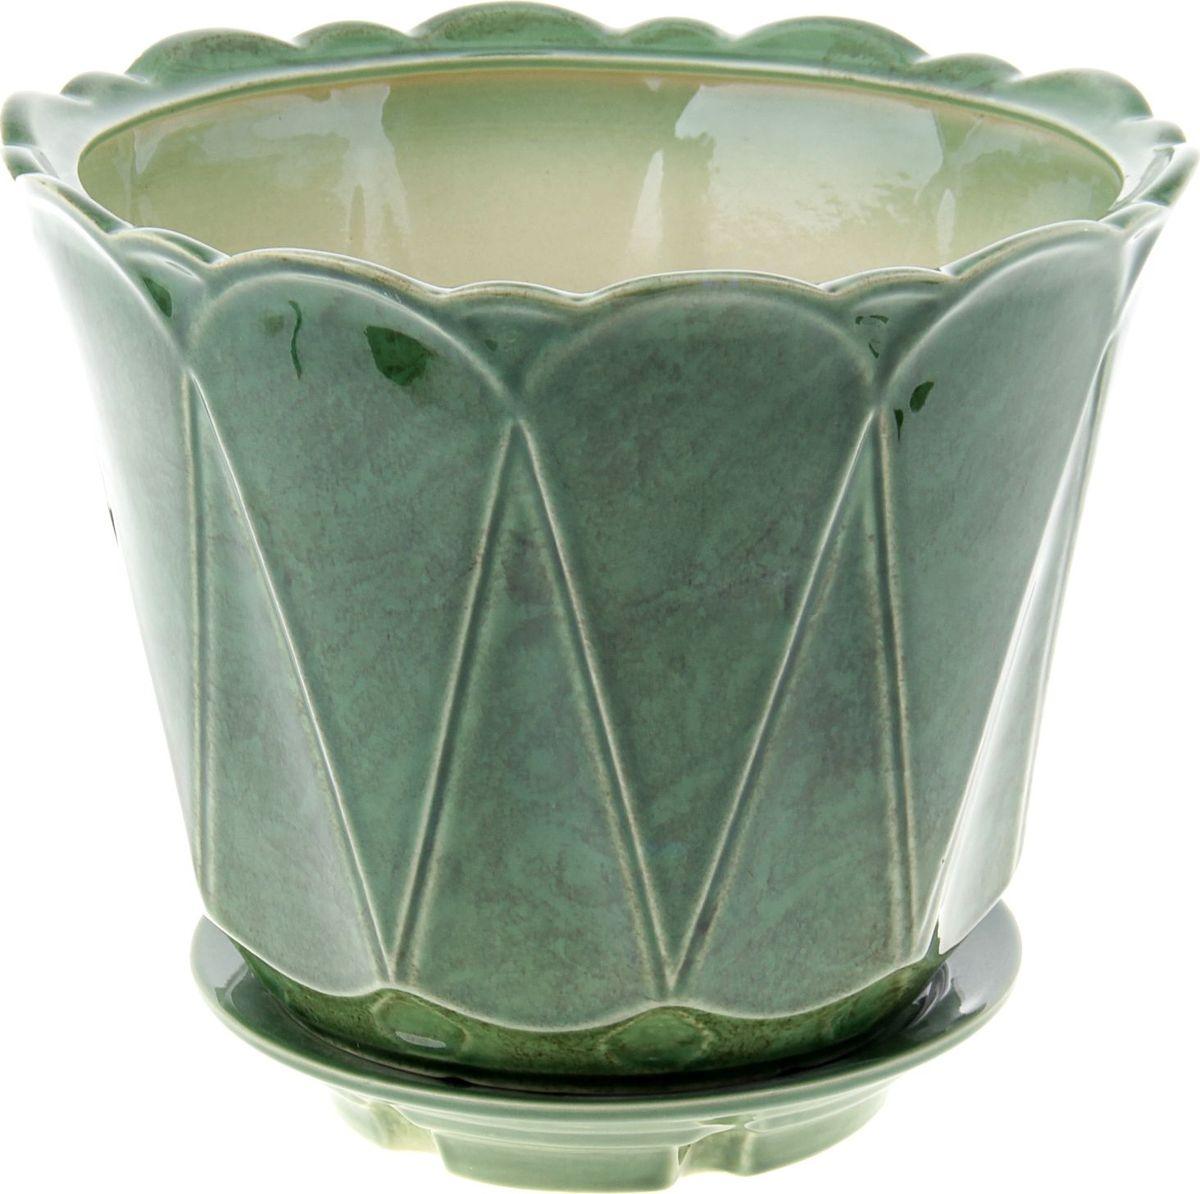 Кашпо Берта, цвет: зеленый, 6,5 л840528Комнатные растения — всеобщие любимцы. Они радуют глаз, насыщают помещение кислородом и украшают пространство. Каждому из них необходим свой удобный и красивый дом. Кашпо из керамики прекрасно подходят для высадки растений: за счёт пластичности глины и разных способов обработки существует великое множество форм и дизайновпористый материал позволяет испаряться лишней влагевоздух, необходимый для дыхания корней, проникает сквозь керамические стенки! #name# позаботится о зелёном питомце, освежит интерьер и подчеркнёт его стиль.